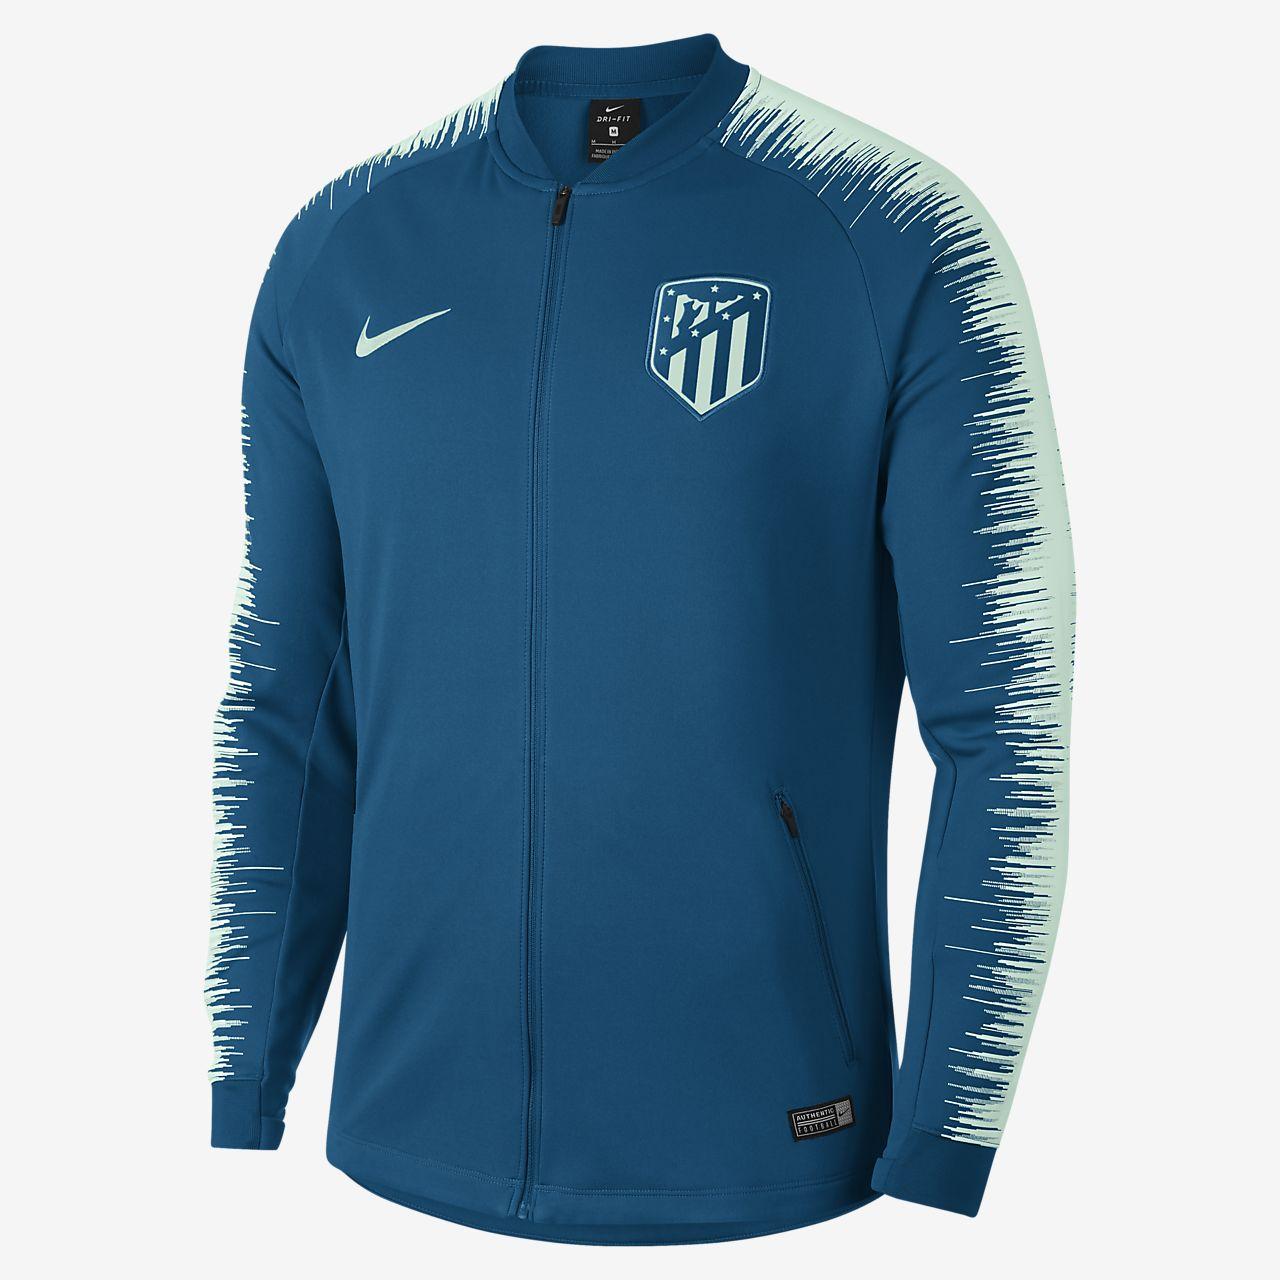 835e480aaece3 Atlético de Madrid Anthem Chaqueta de fútbol - Hombre. Nike.com ES